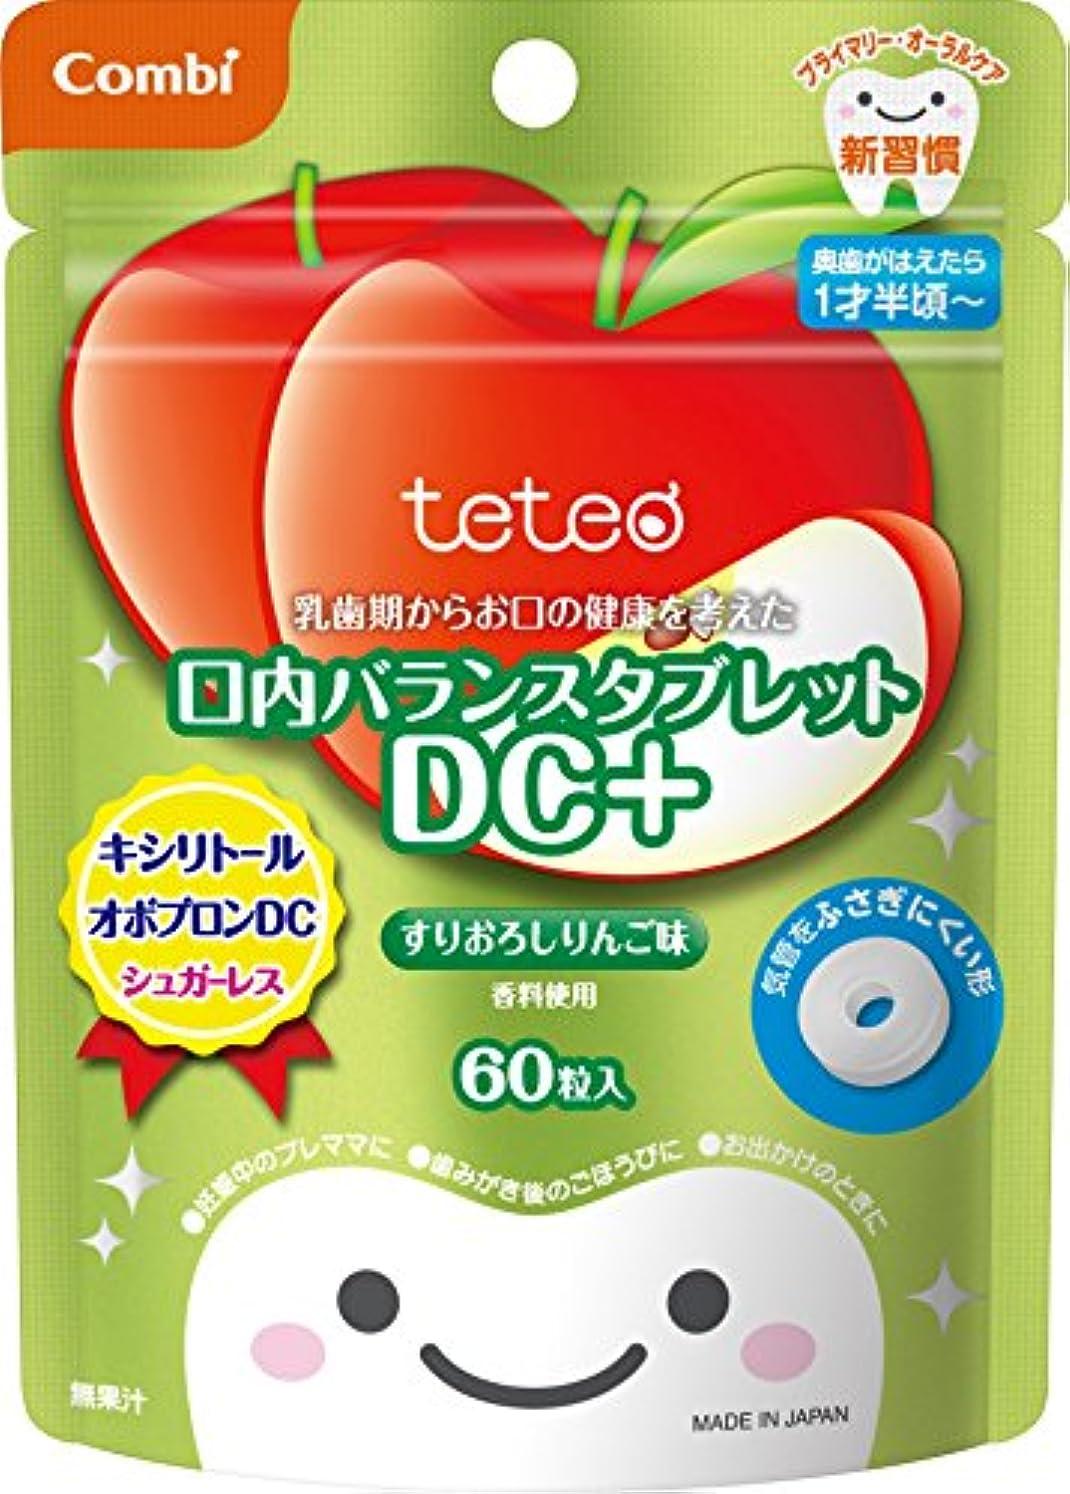 アンティーク急ぐうっかりコンビ テテオ 乳歯期からお口の健康を考えた 口内バランスタブレット DC+ すりおろしりんご味 60粒入